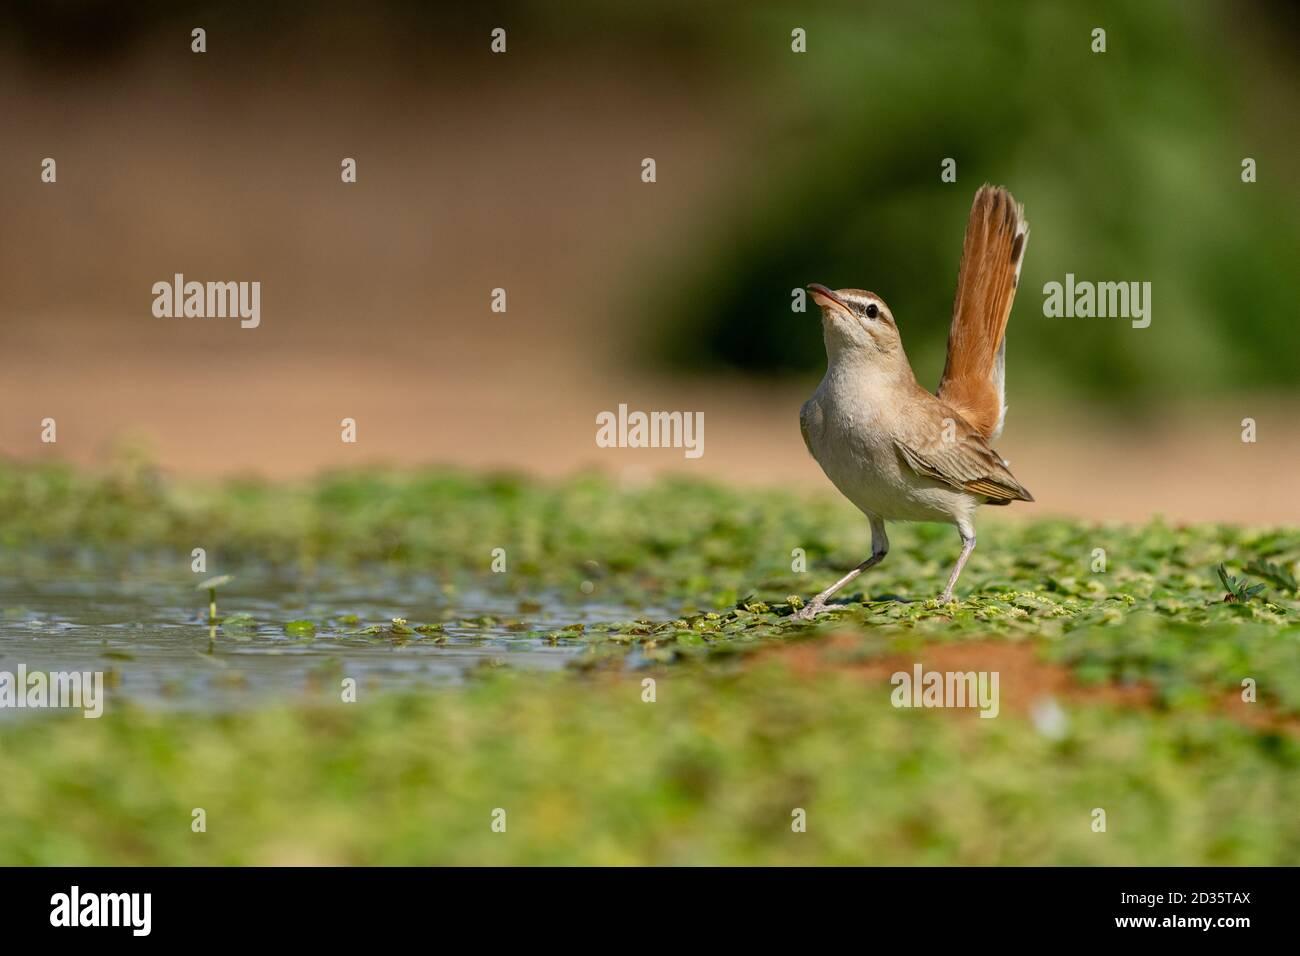 Rubini rufous-tailed (galattoti di Cercotrichas) sul terreno. Fotografato in Israele Foto Stock